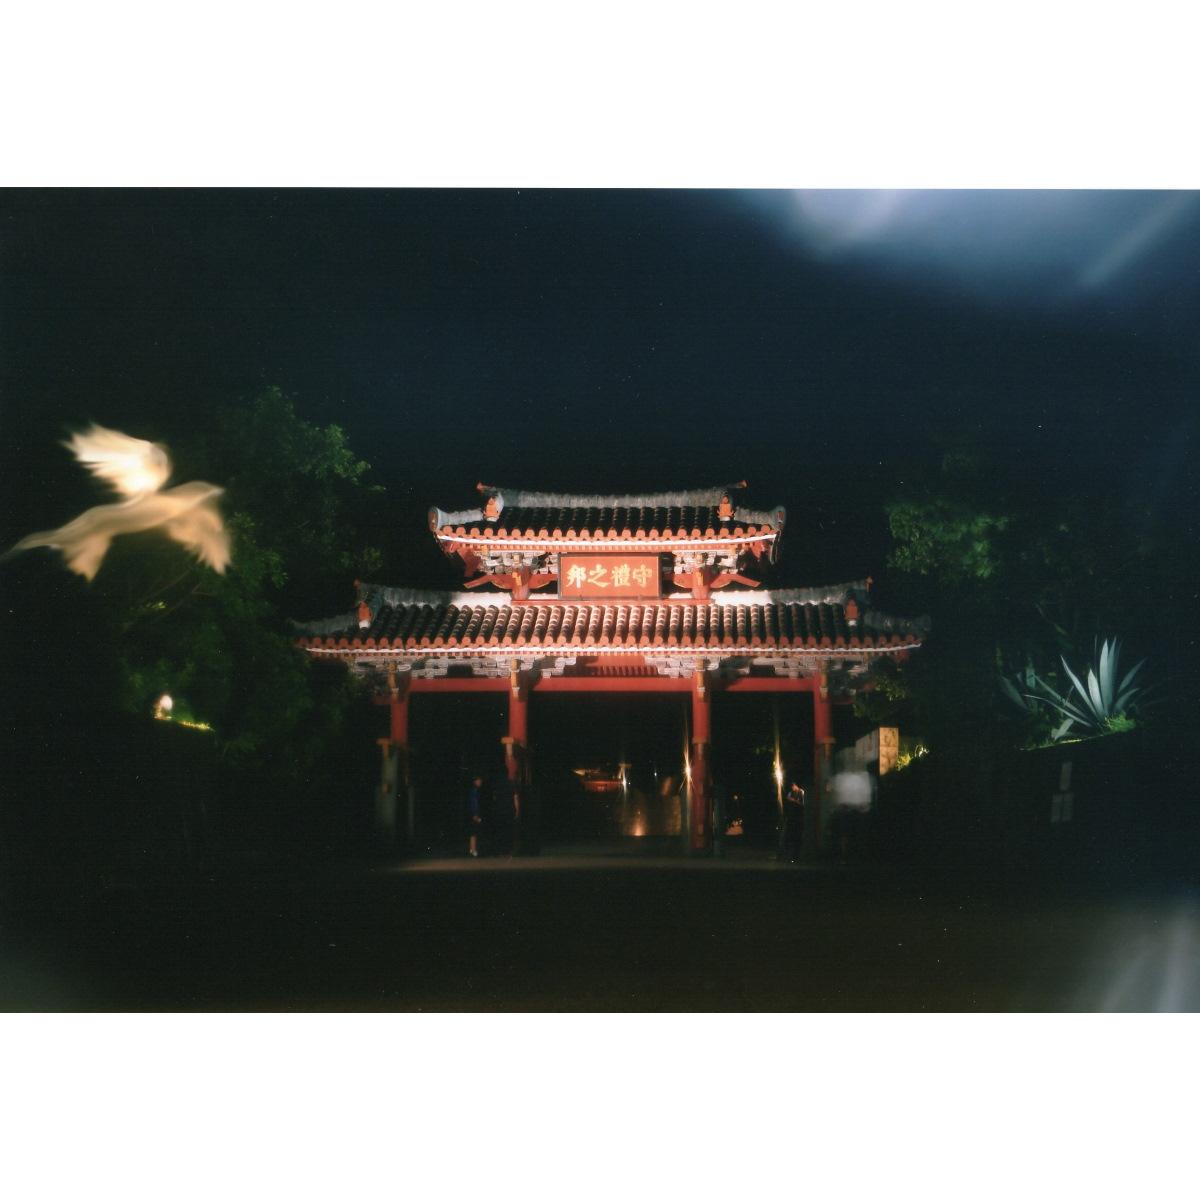 【大感謝価格 】奇跡の写真 秋元隆良 守礼門に金の鳥